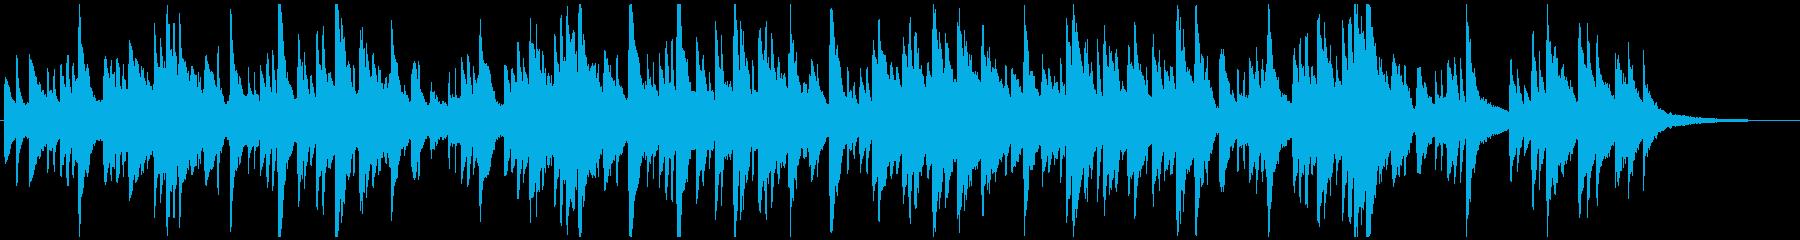 シューマンのトロイメライ【子供の情景】の再生済みの波形